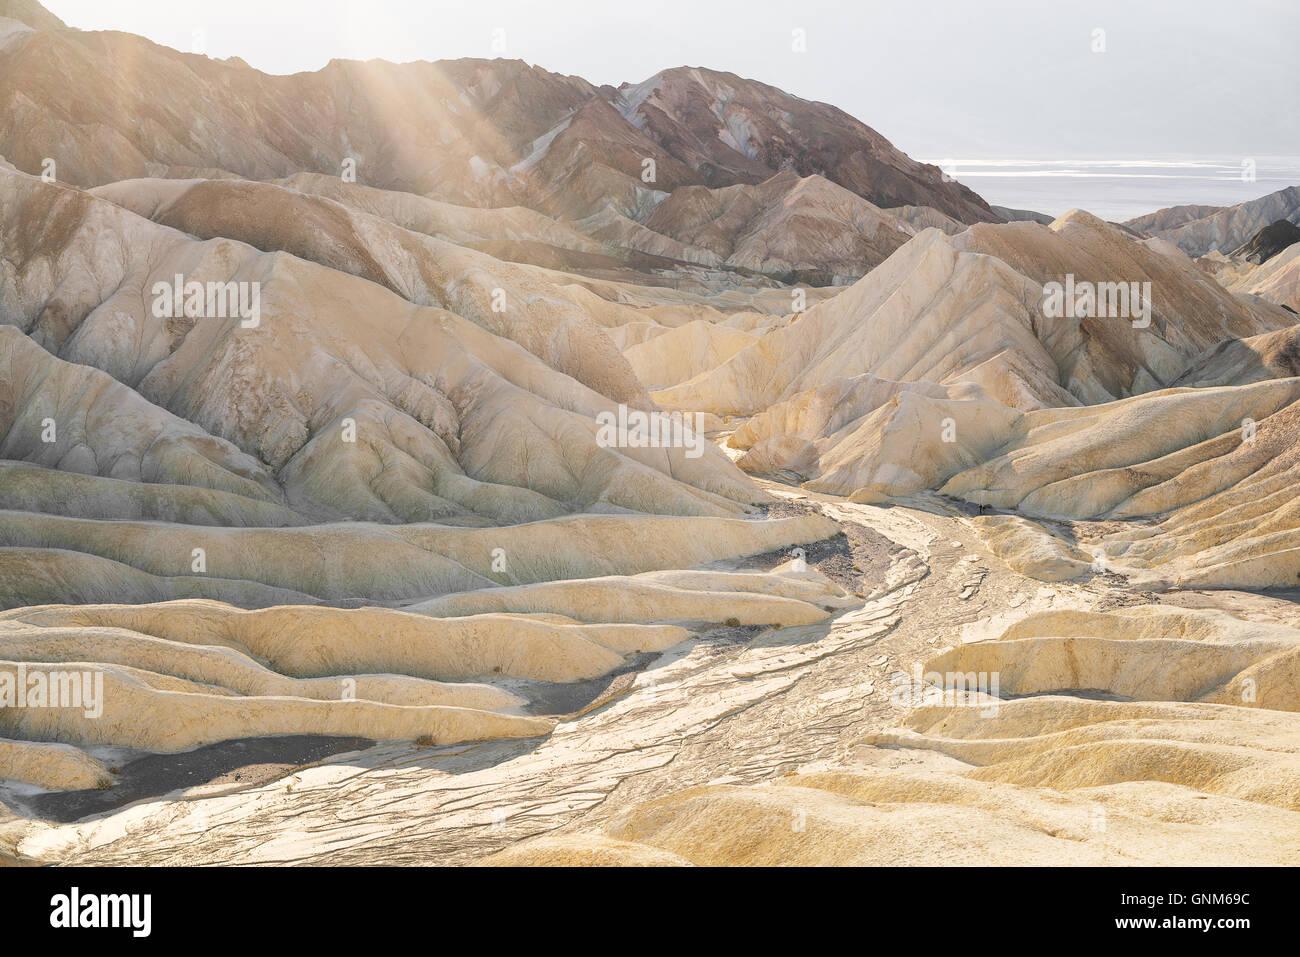 El desierto en el Parque Nacional Valle de la muerte Imagen De Stock